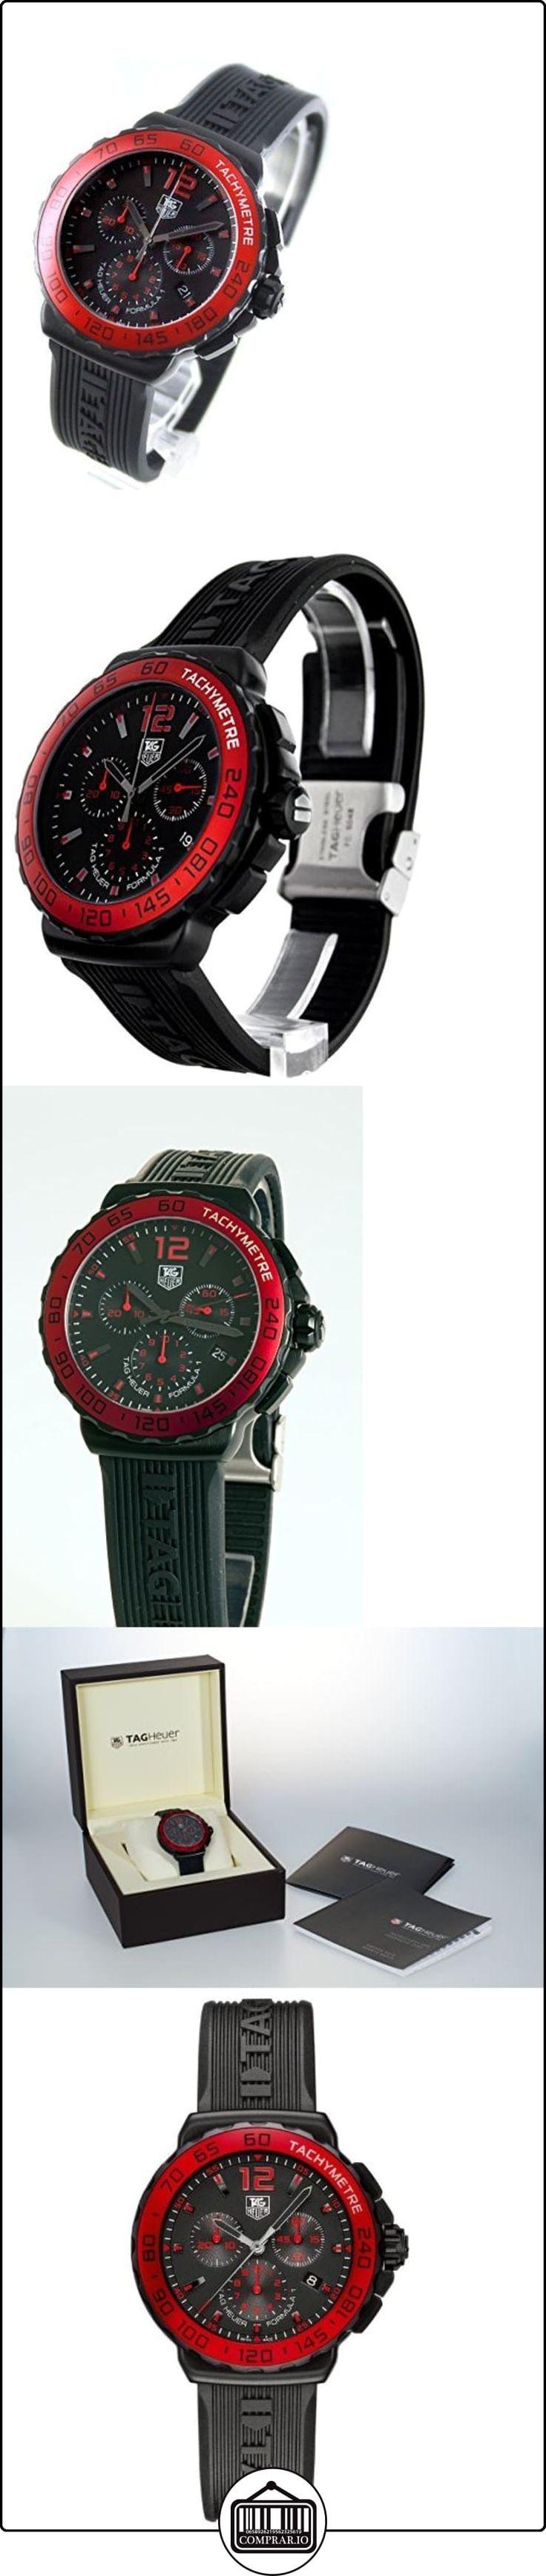 Tag Heuer Formula 1cronógrafo Rojo Bisel reloj de hombre de cuarzo con Negro esfera Cronógrafo y Correa de Goma en color negro CAU1117. FT6024  ✿ Relojes para hombre - (Lujo) ✿